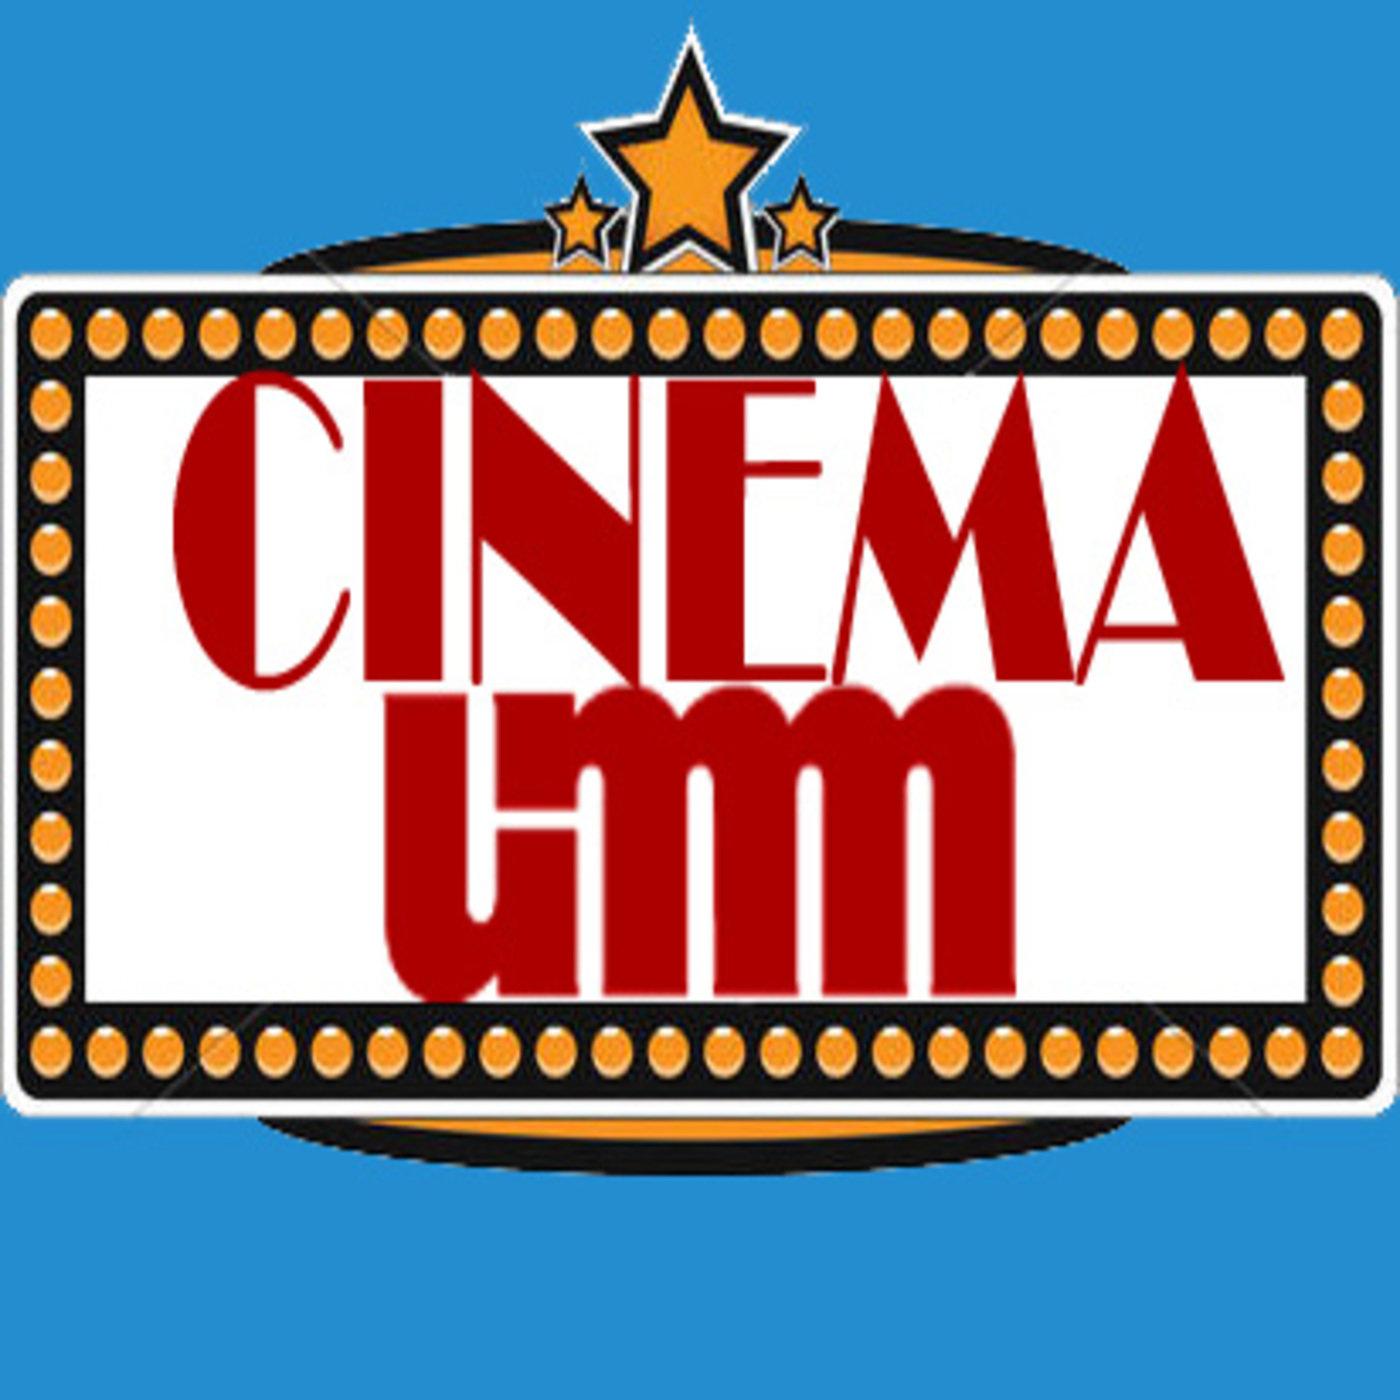 <![CDATA[Cinema UMM]]>